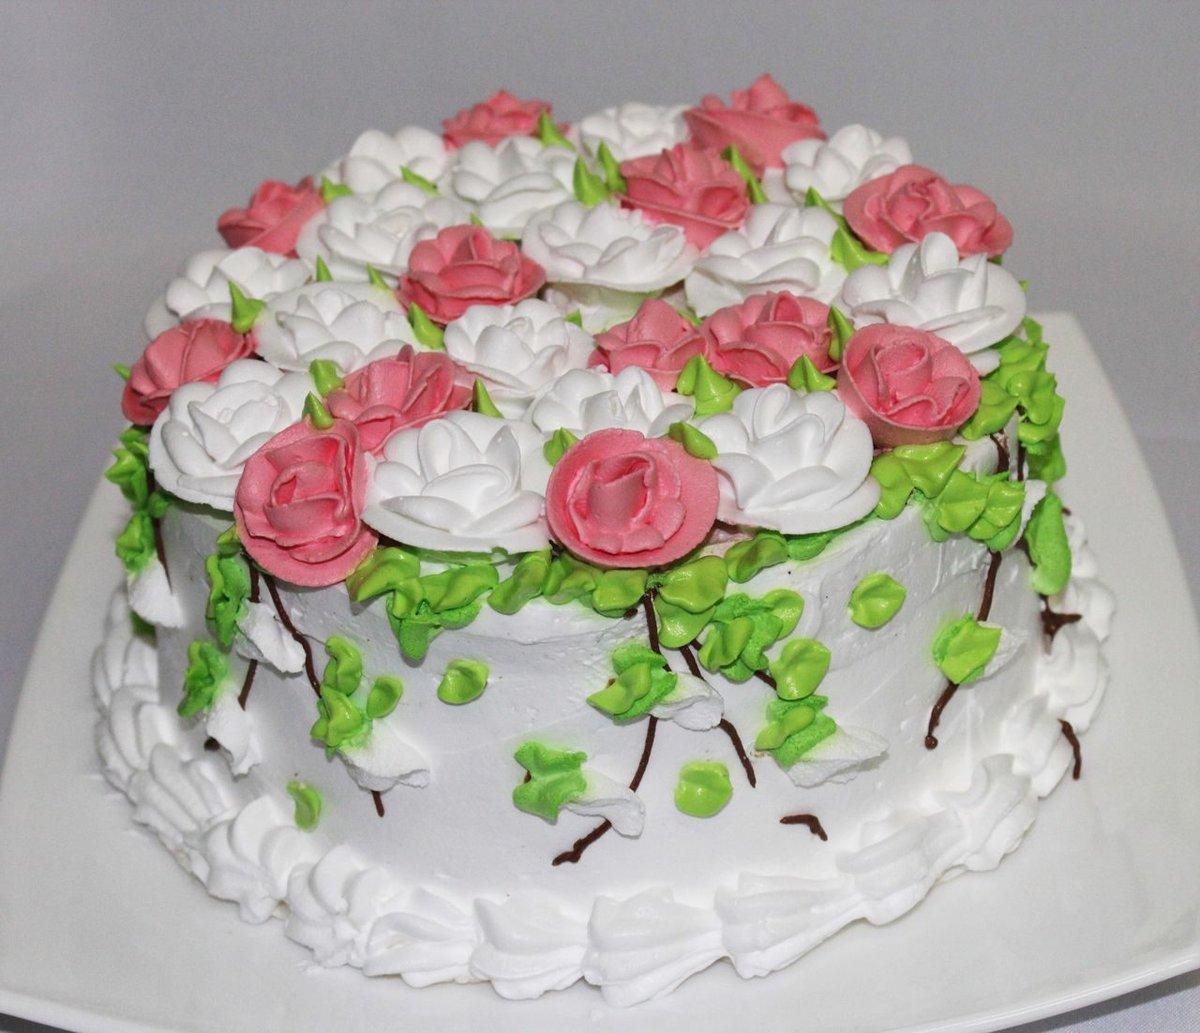 она белковый крем цветы украшение торт фото хочет